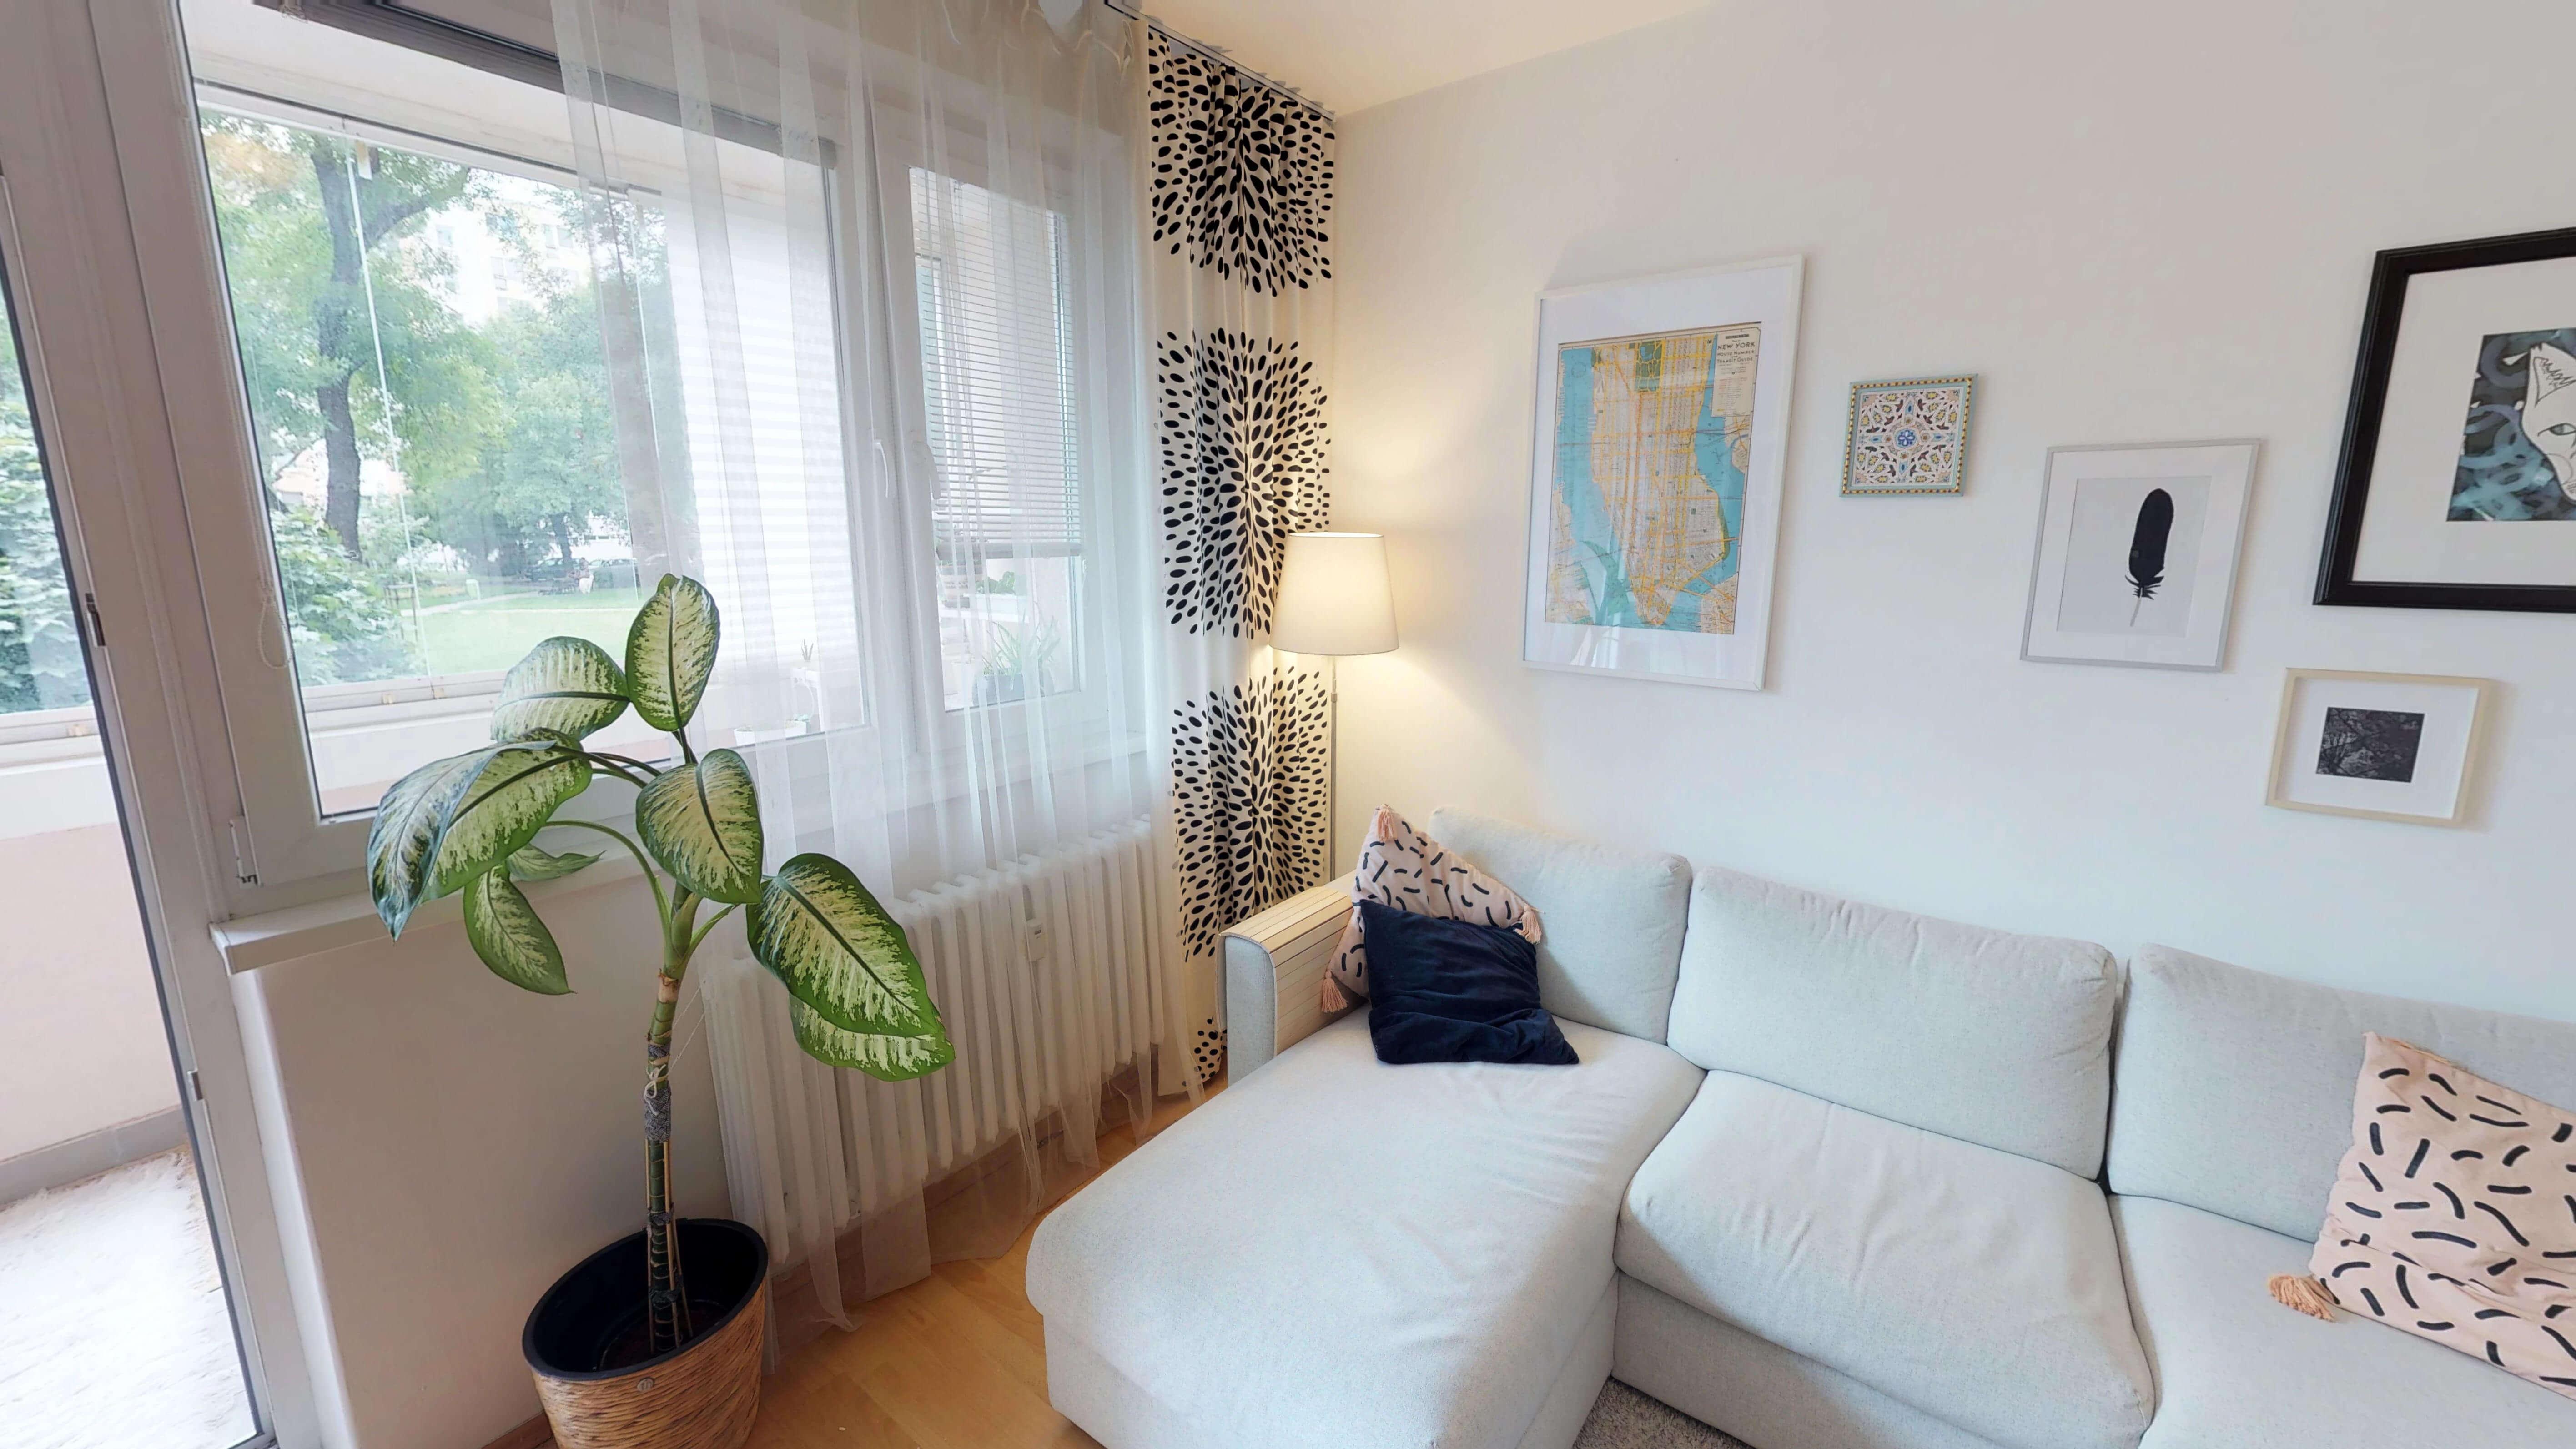 Predané Predaj exkluzívneho 3 izb. bytu,v Ružinove, ulica Palkovičová, blízko Trhoviska Miletičky v Bratislave, 68m2, kompletne zariadený-18